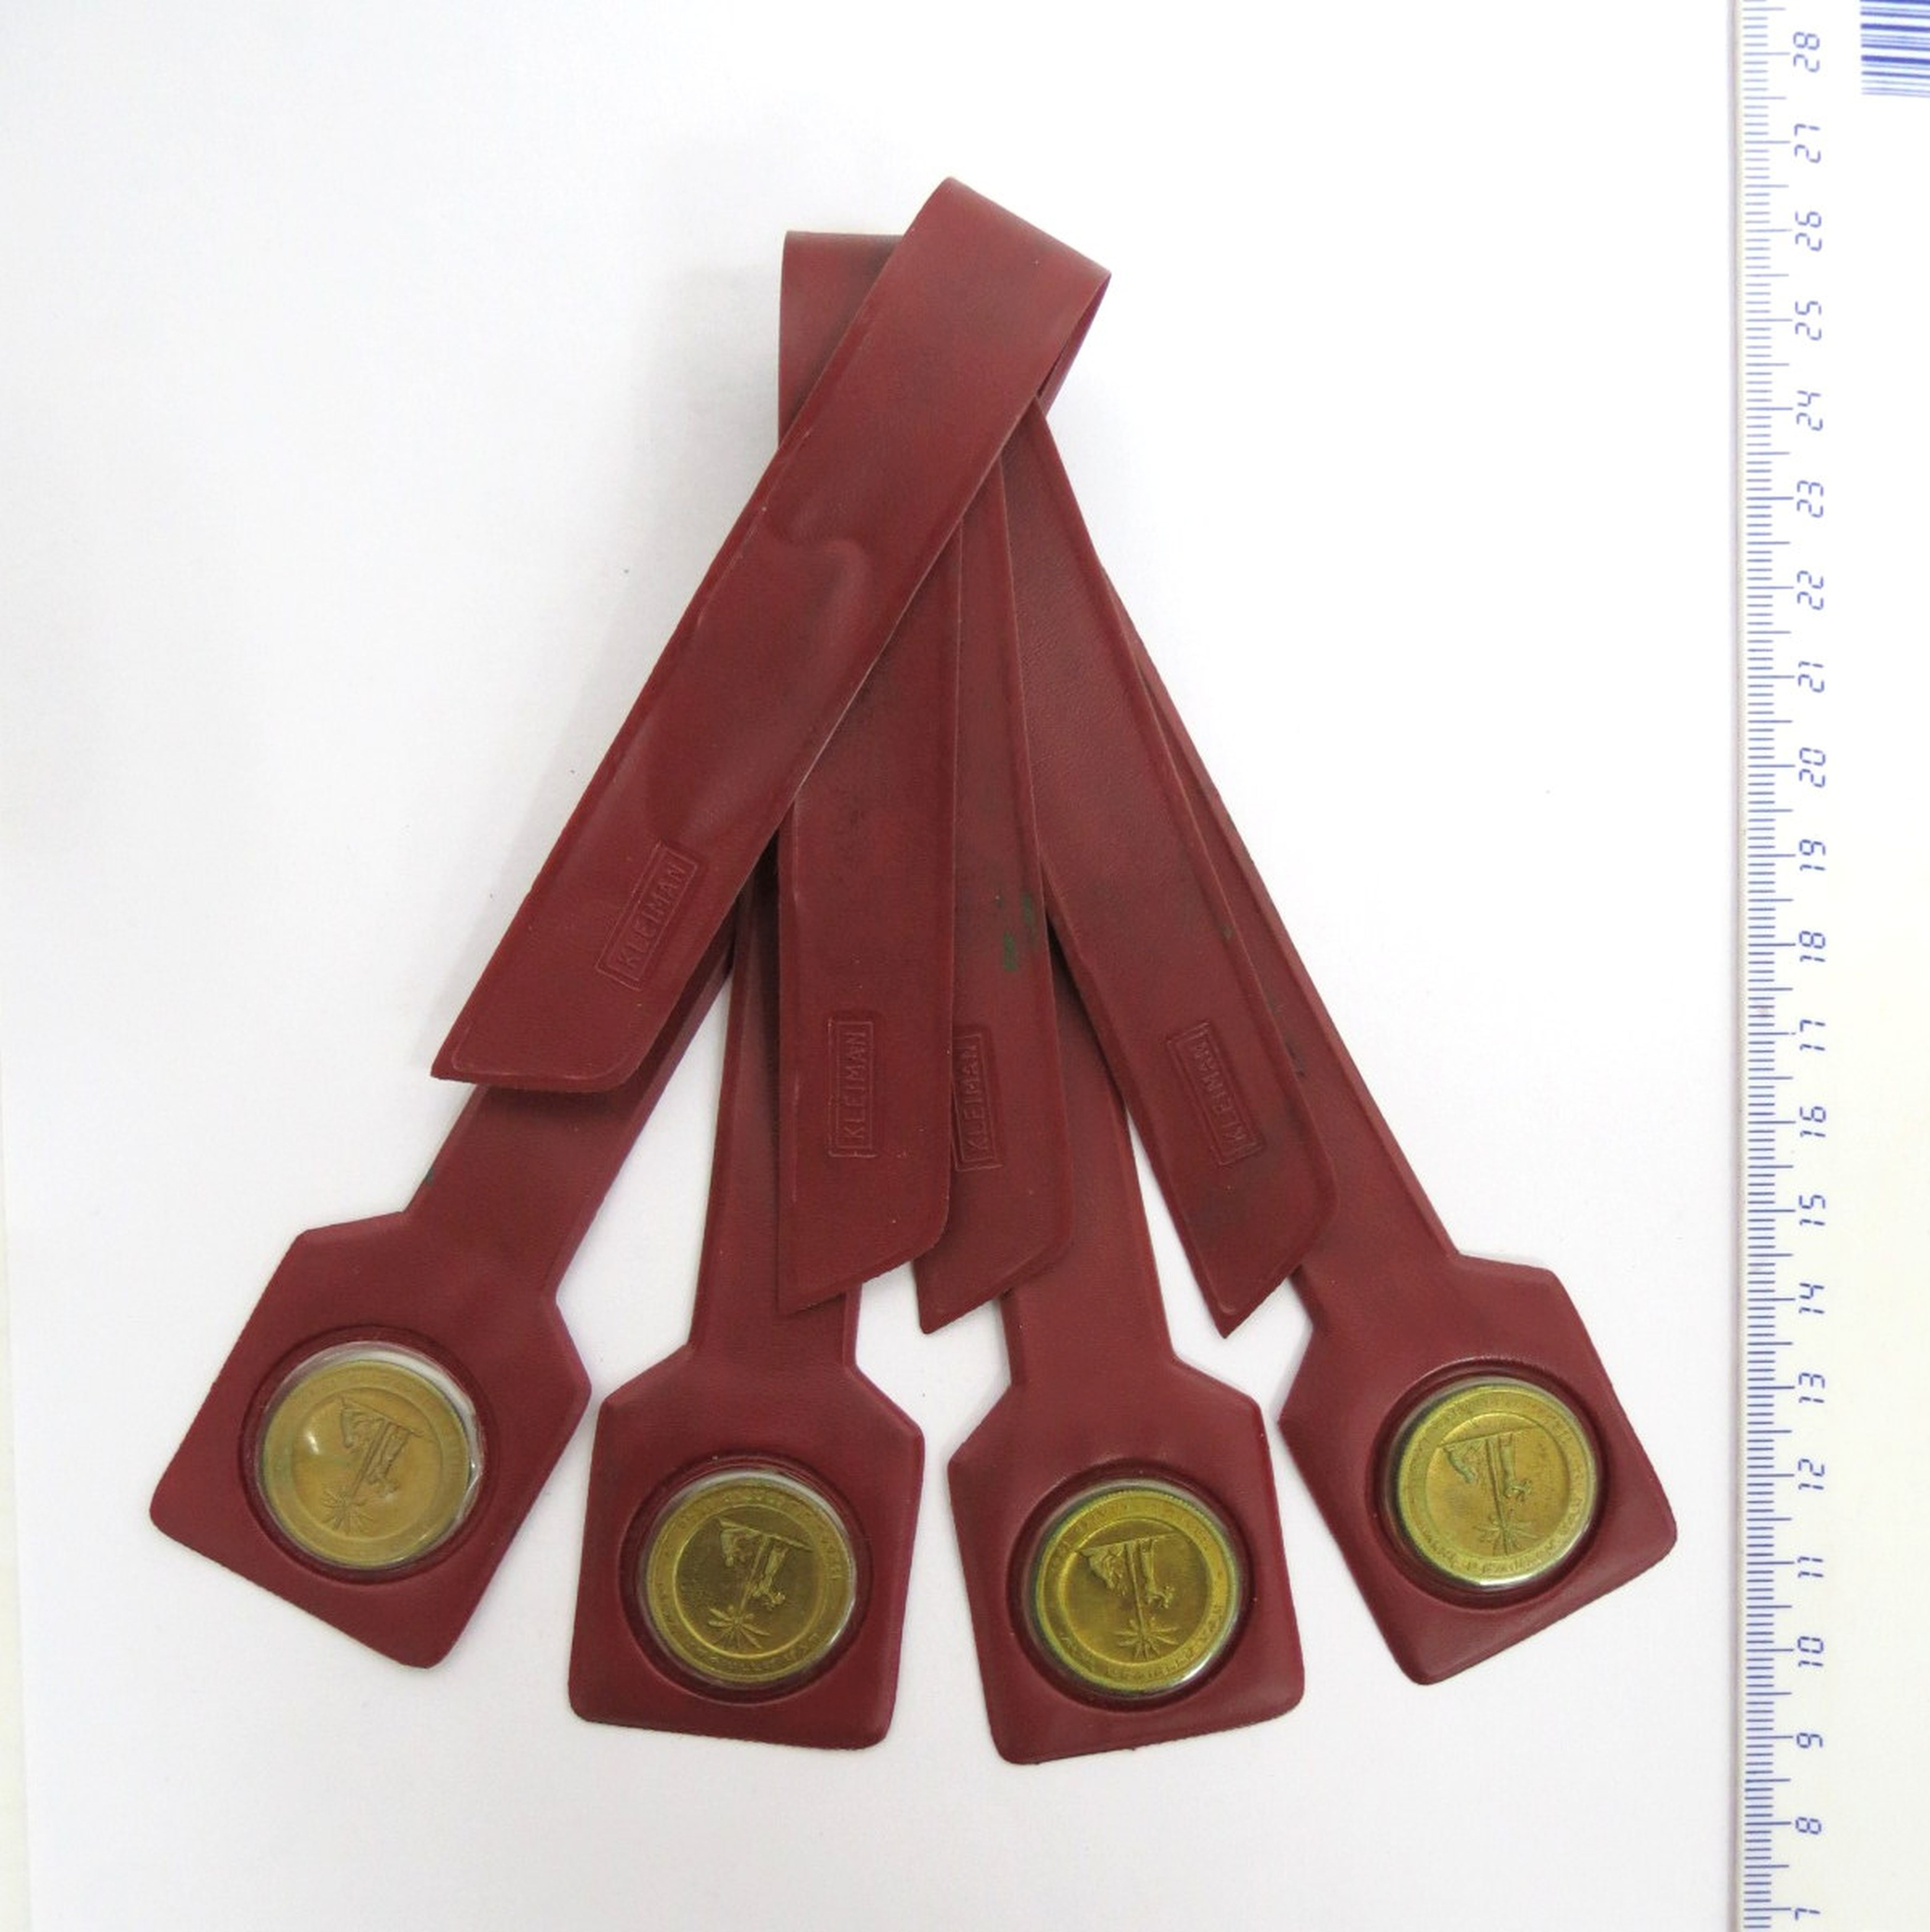 """ארבע סימניות לספר, כ""""א עם מדלית ארד קטנה """"ישראל המשוחררת"""""""